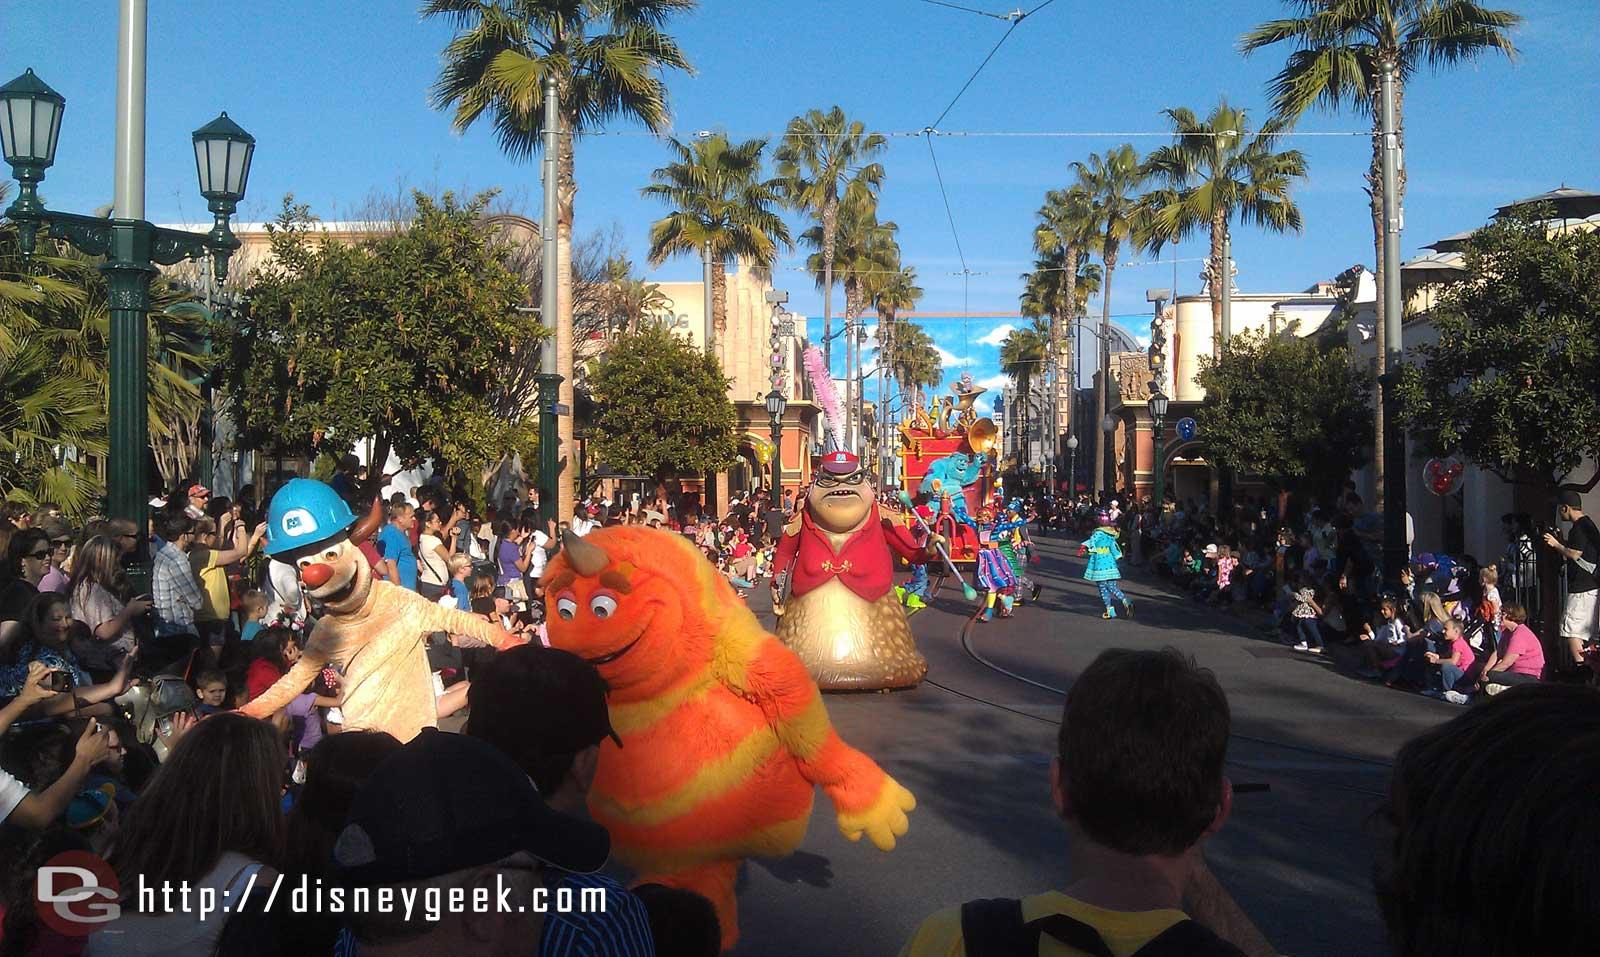 The Pixar Play Parade making its way up Hollywood Blvd to Carthay Circle